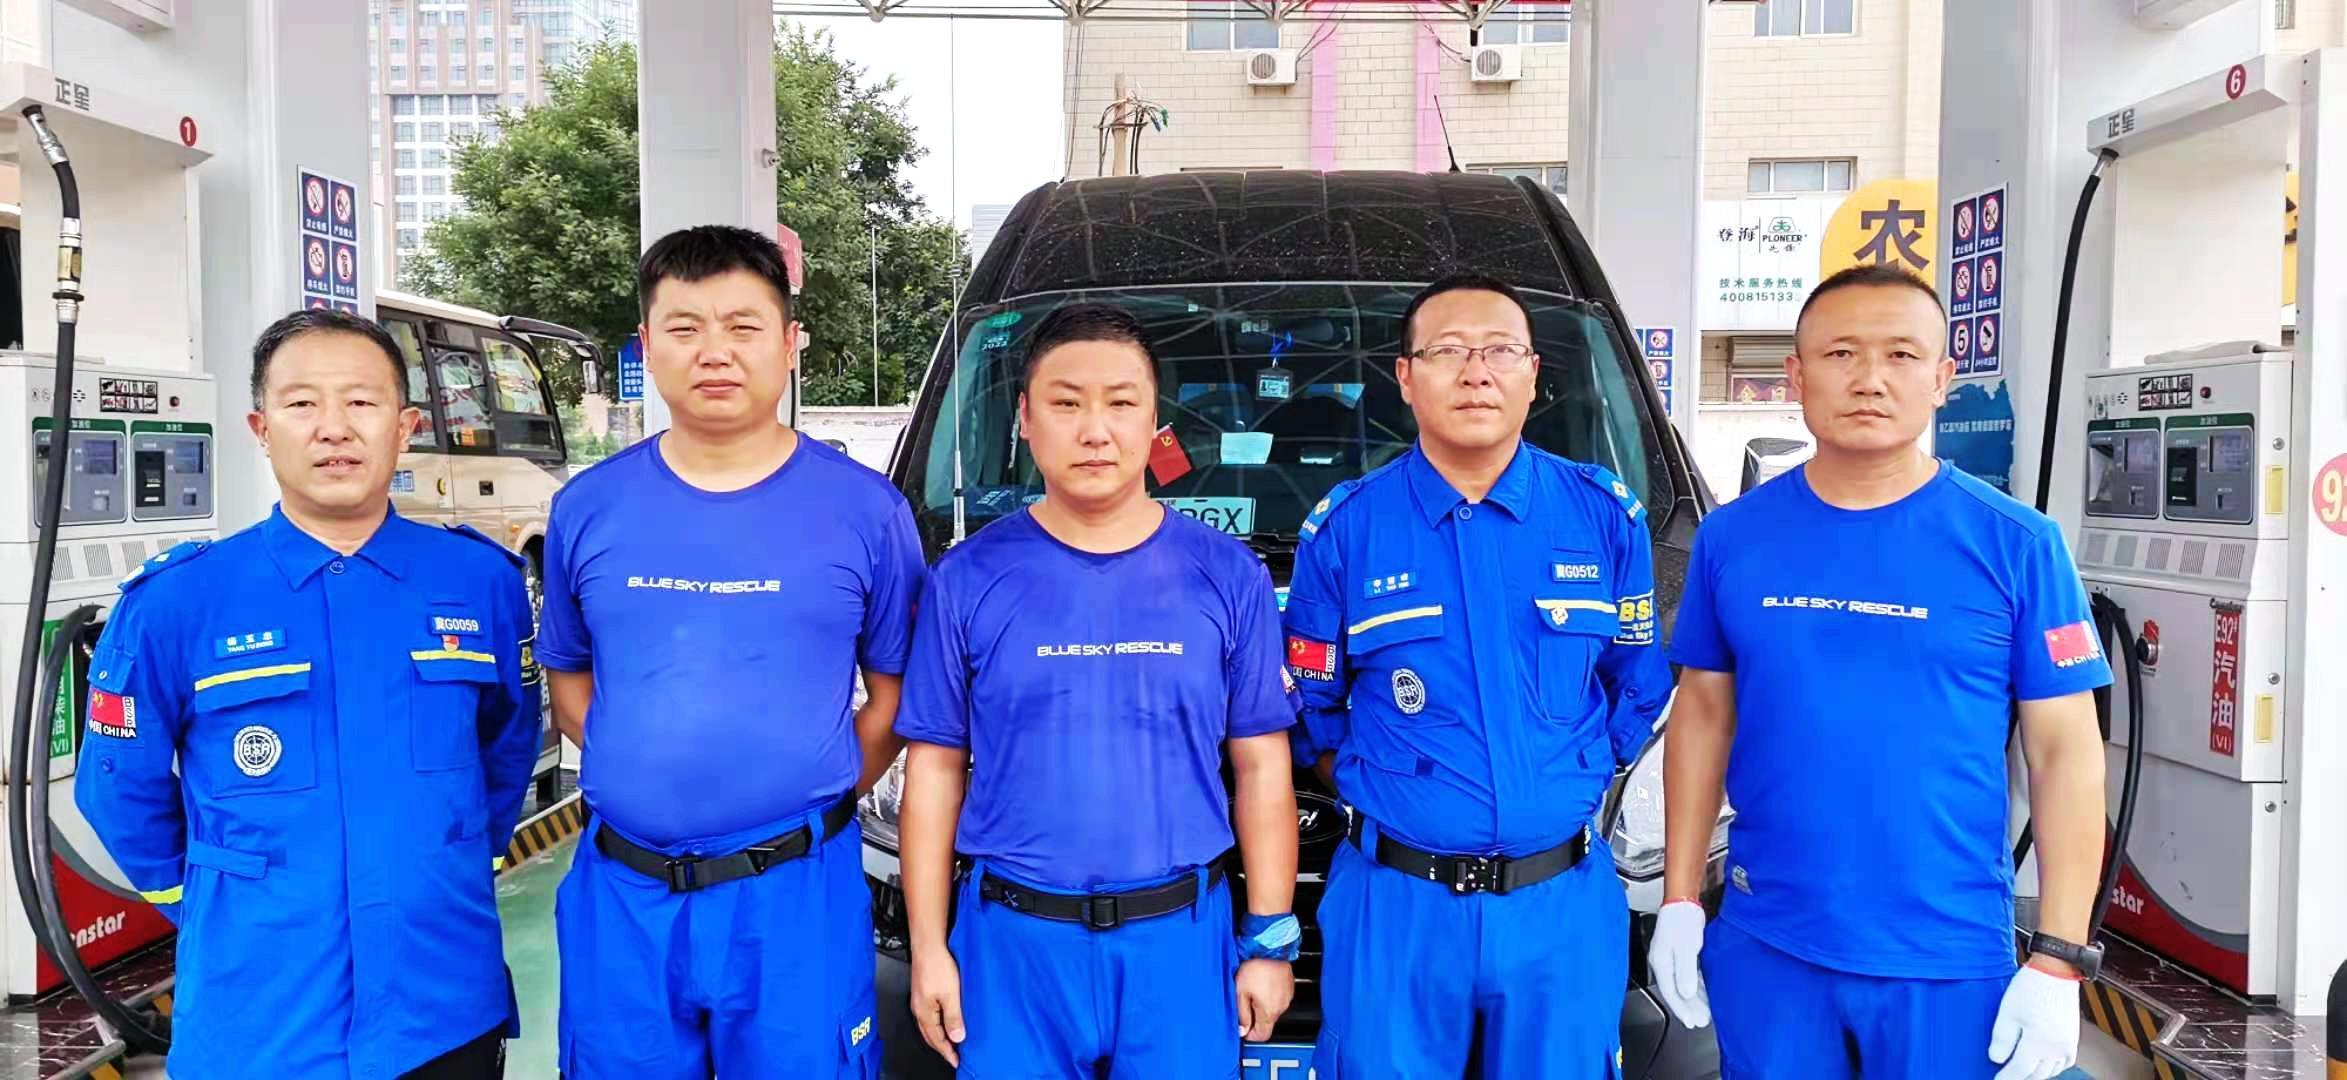 涿鹿5名蓝天救援队员紧急驰援河南